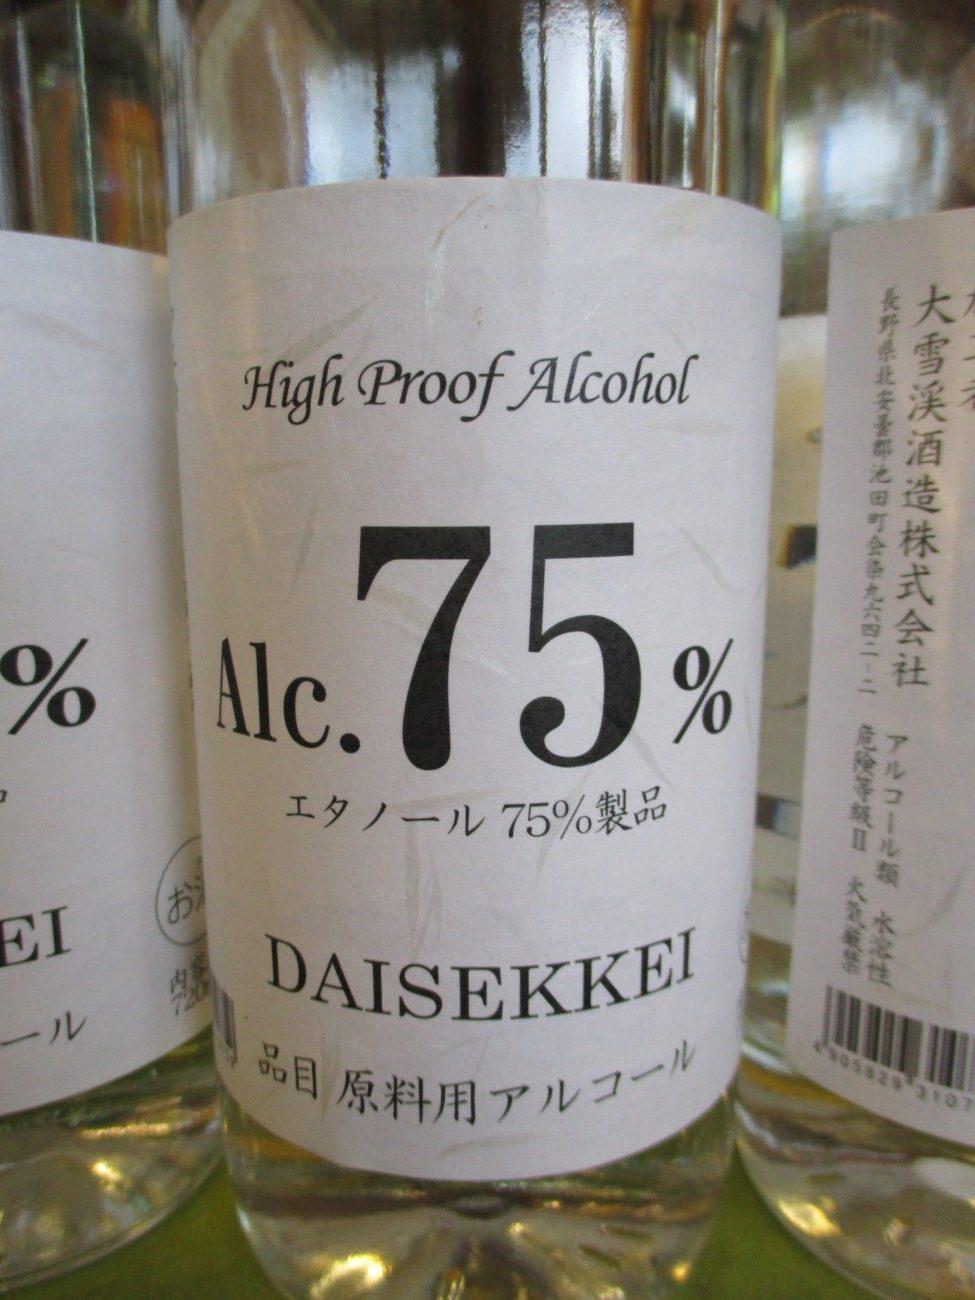 殺菌・消毒に、高濃度アルコール販売中。